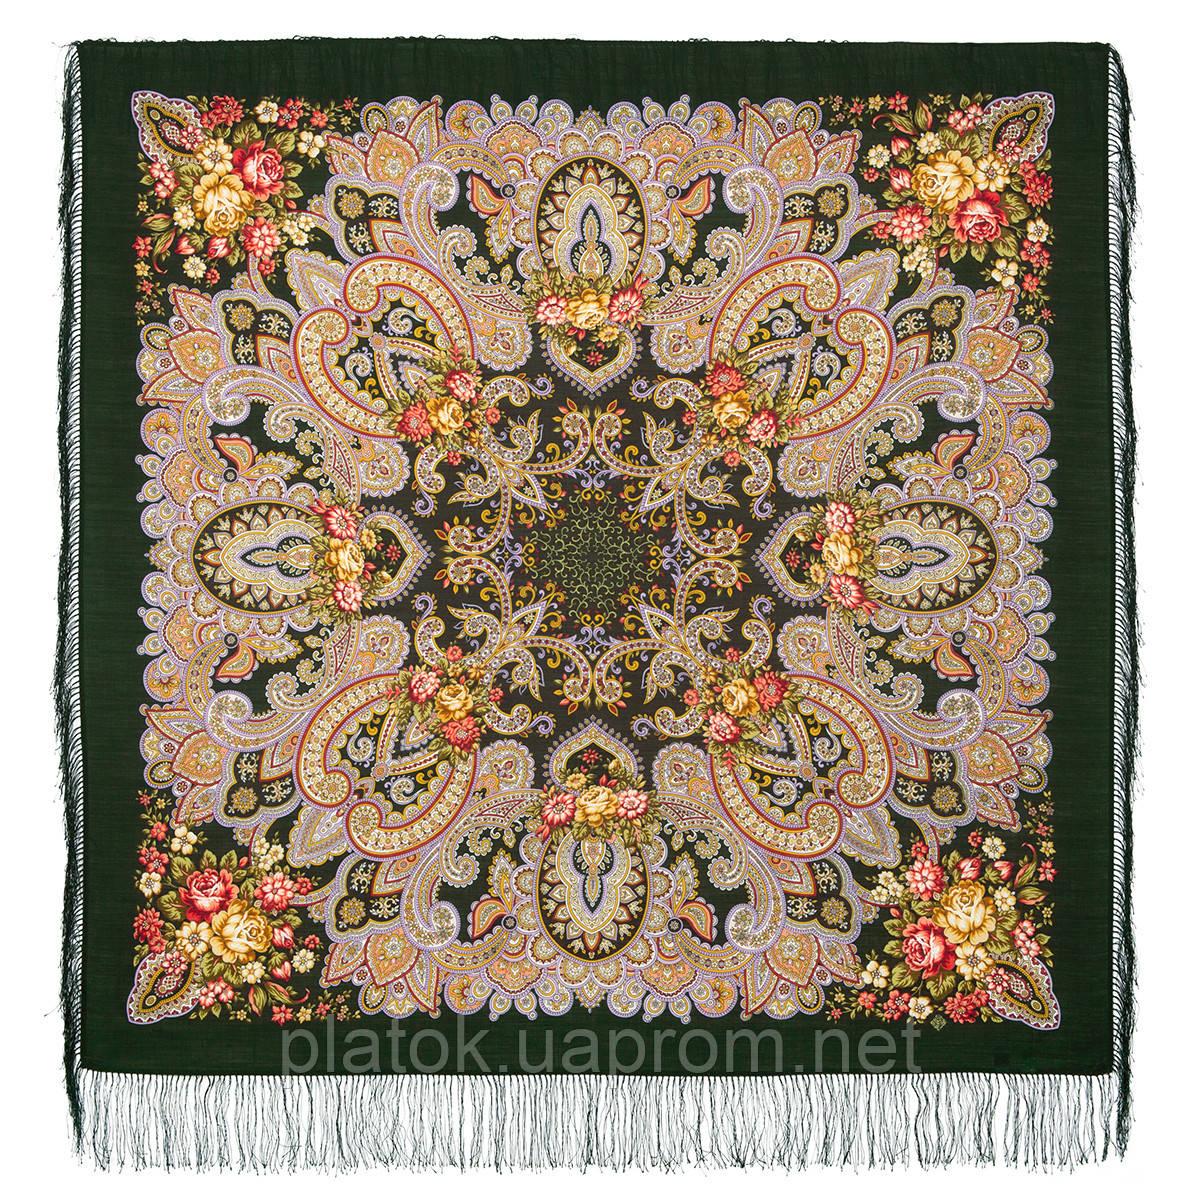 Прекрасное мгновенье 1802-10, павлопосадский платок шерстяной с шелковой бахромой